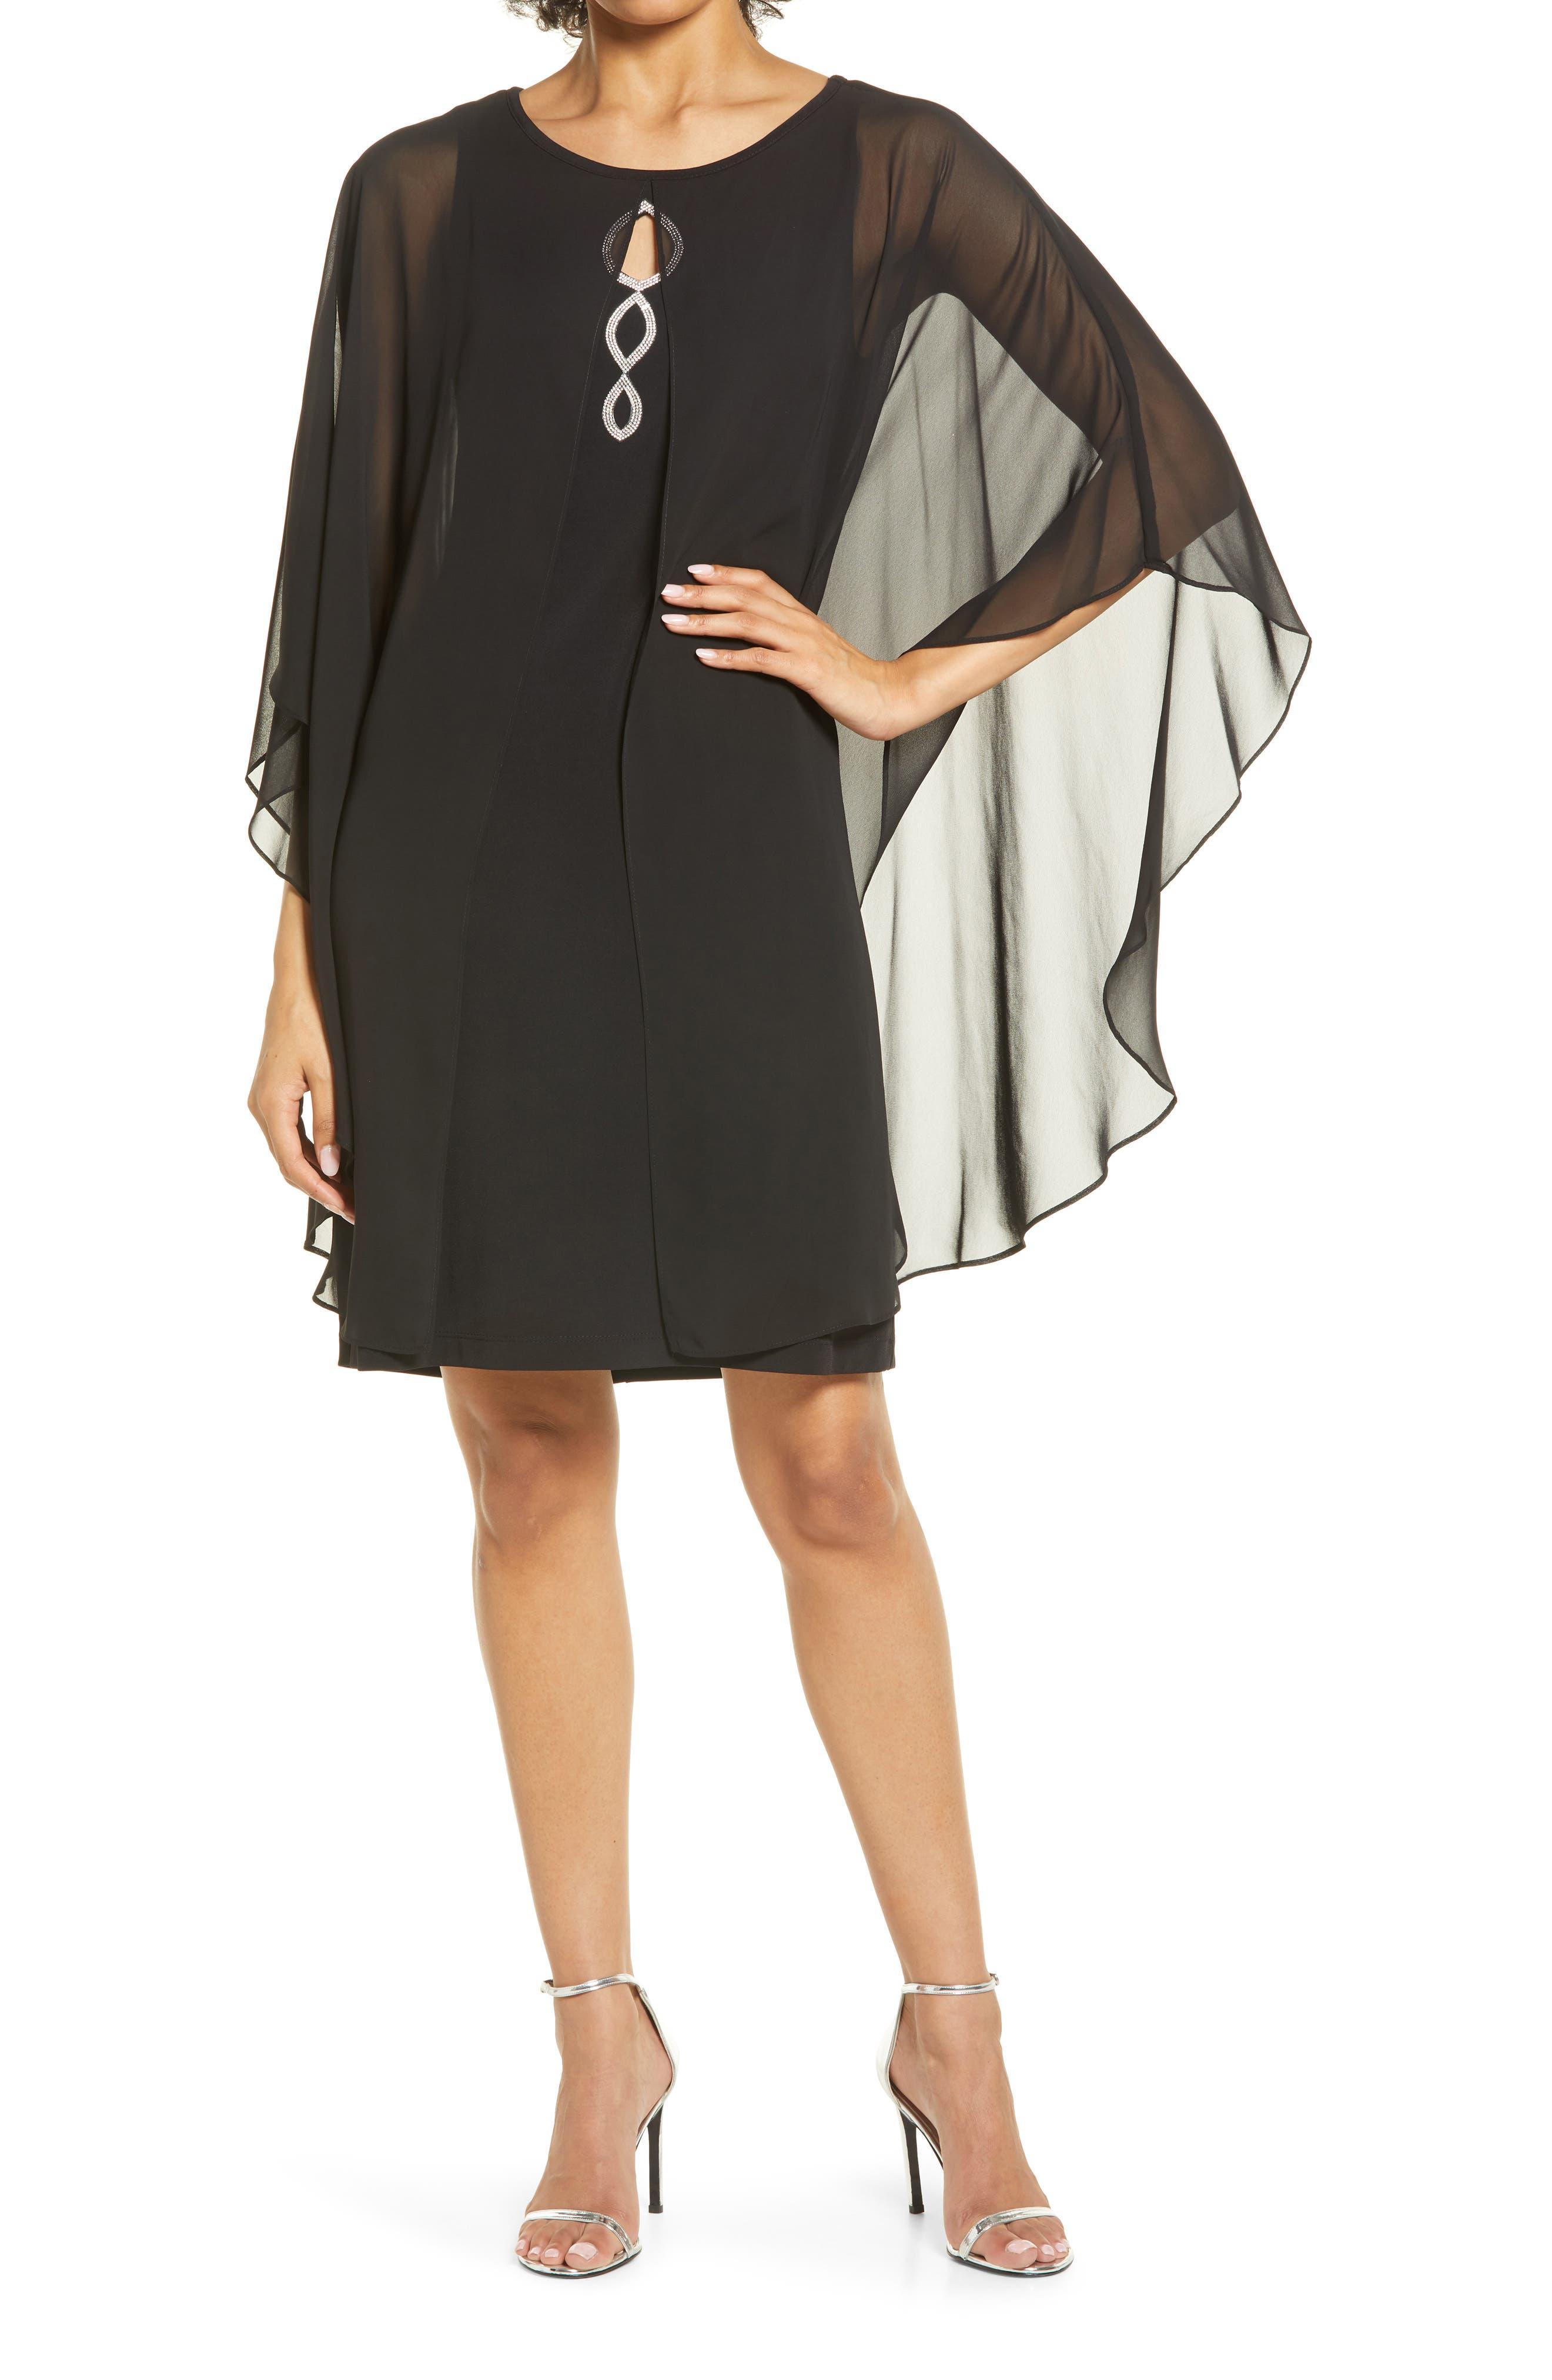 Chiffon Overlay Cape Dress